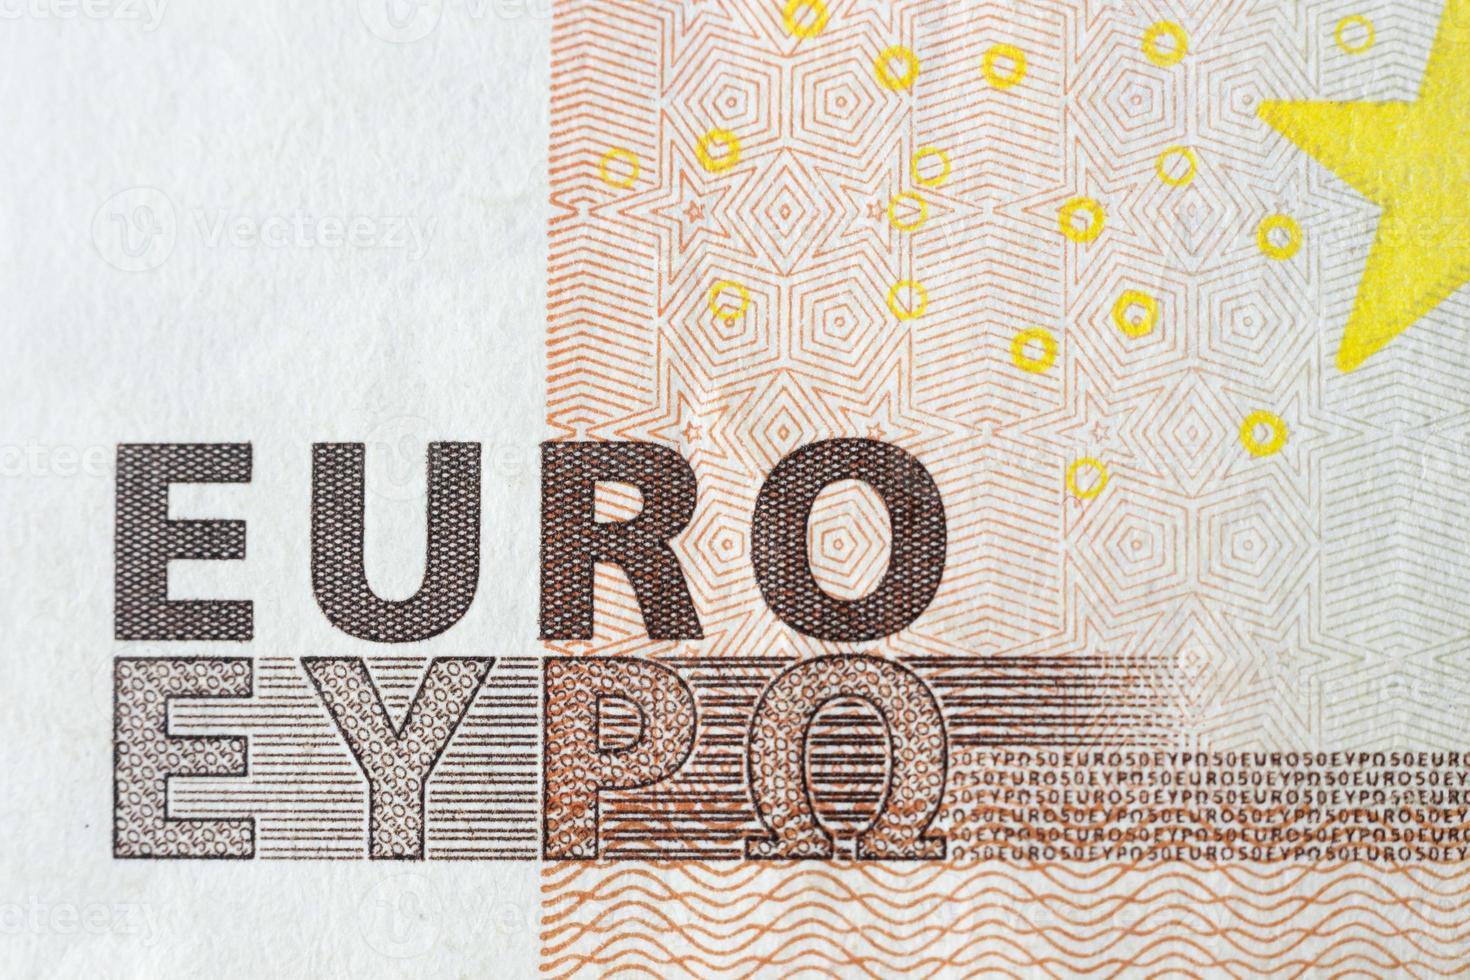 Billets en euros, texte détaillé sur une nouvelle cinquantaine de billets en euros photo